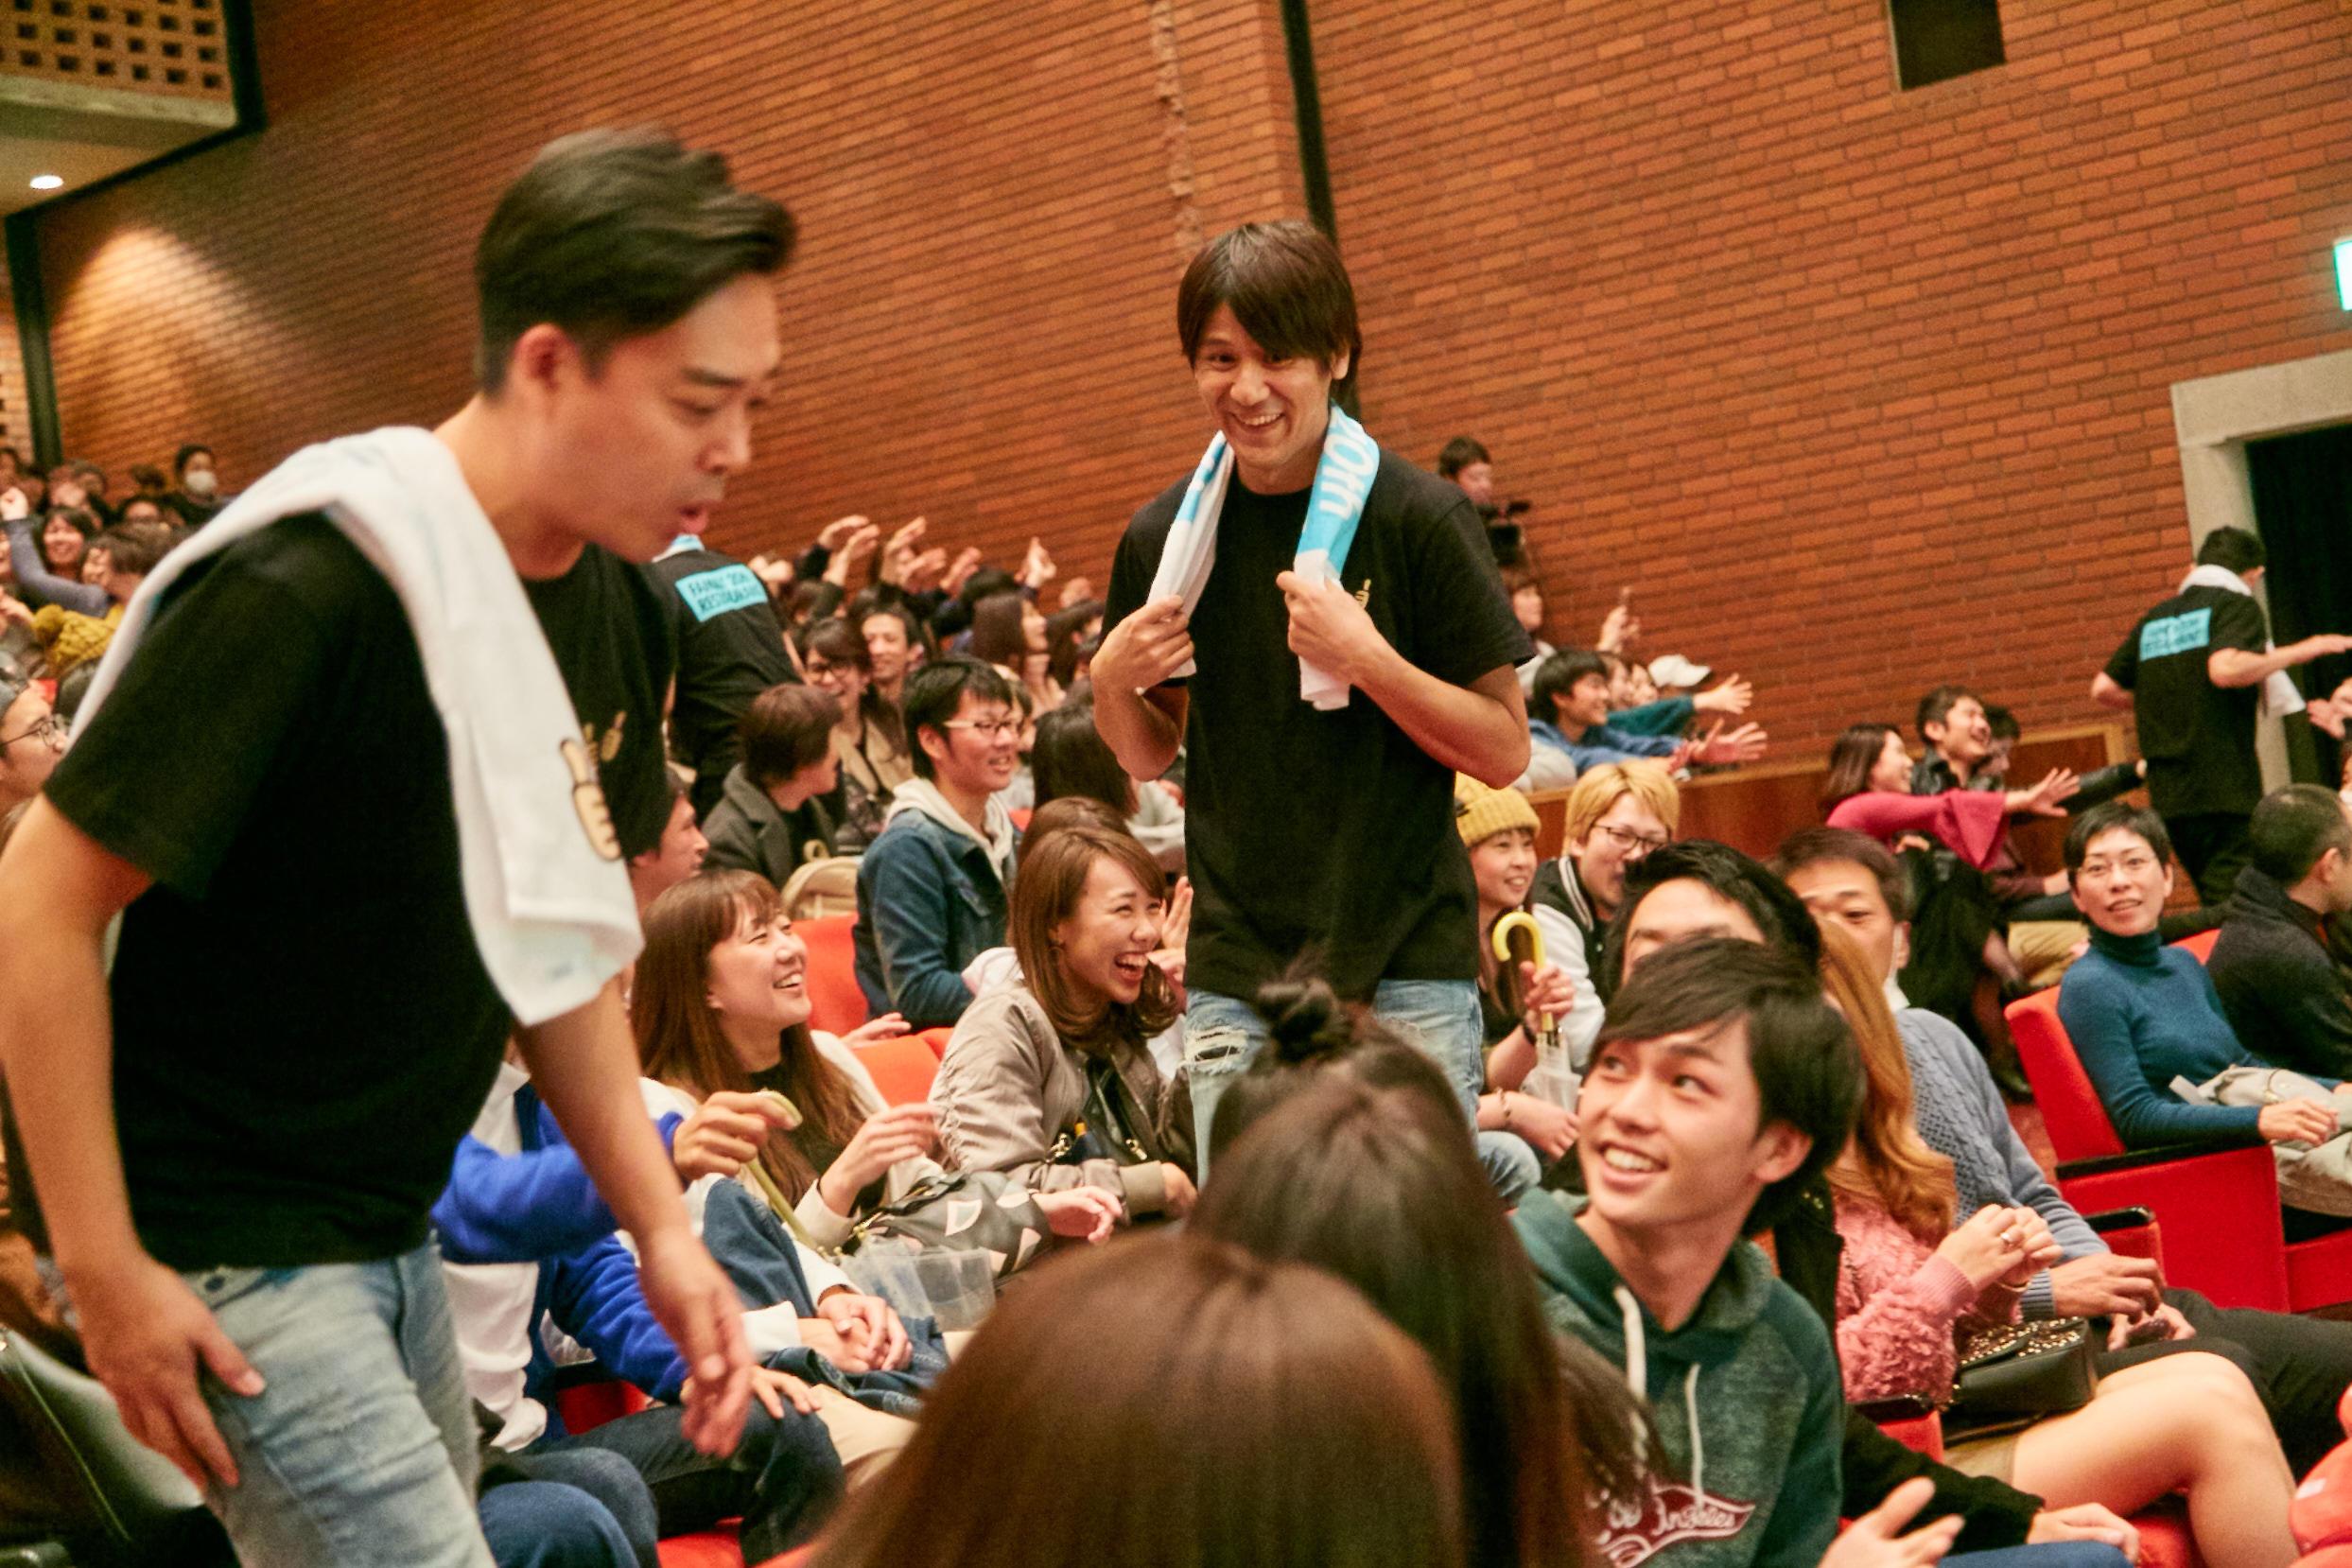 http://news.yoshimoto.co.jp/20171113162047-bbb264b57768b1037c34d38b02af2093797f3d1e.jpg